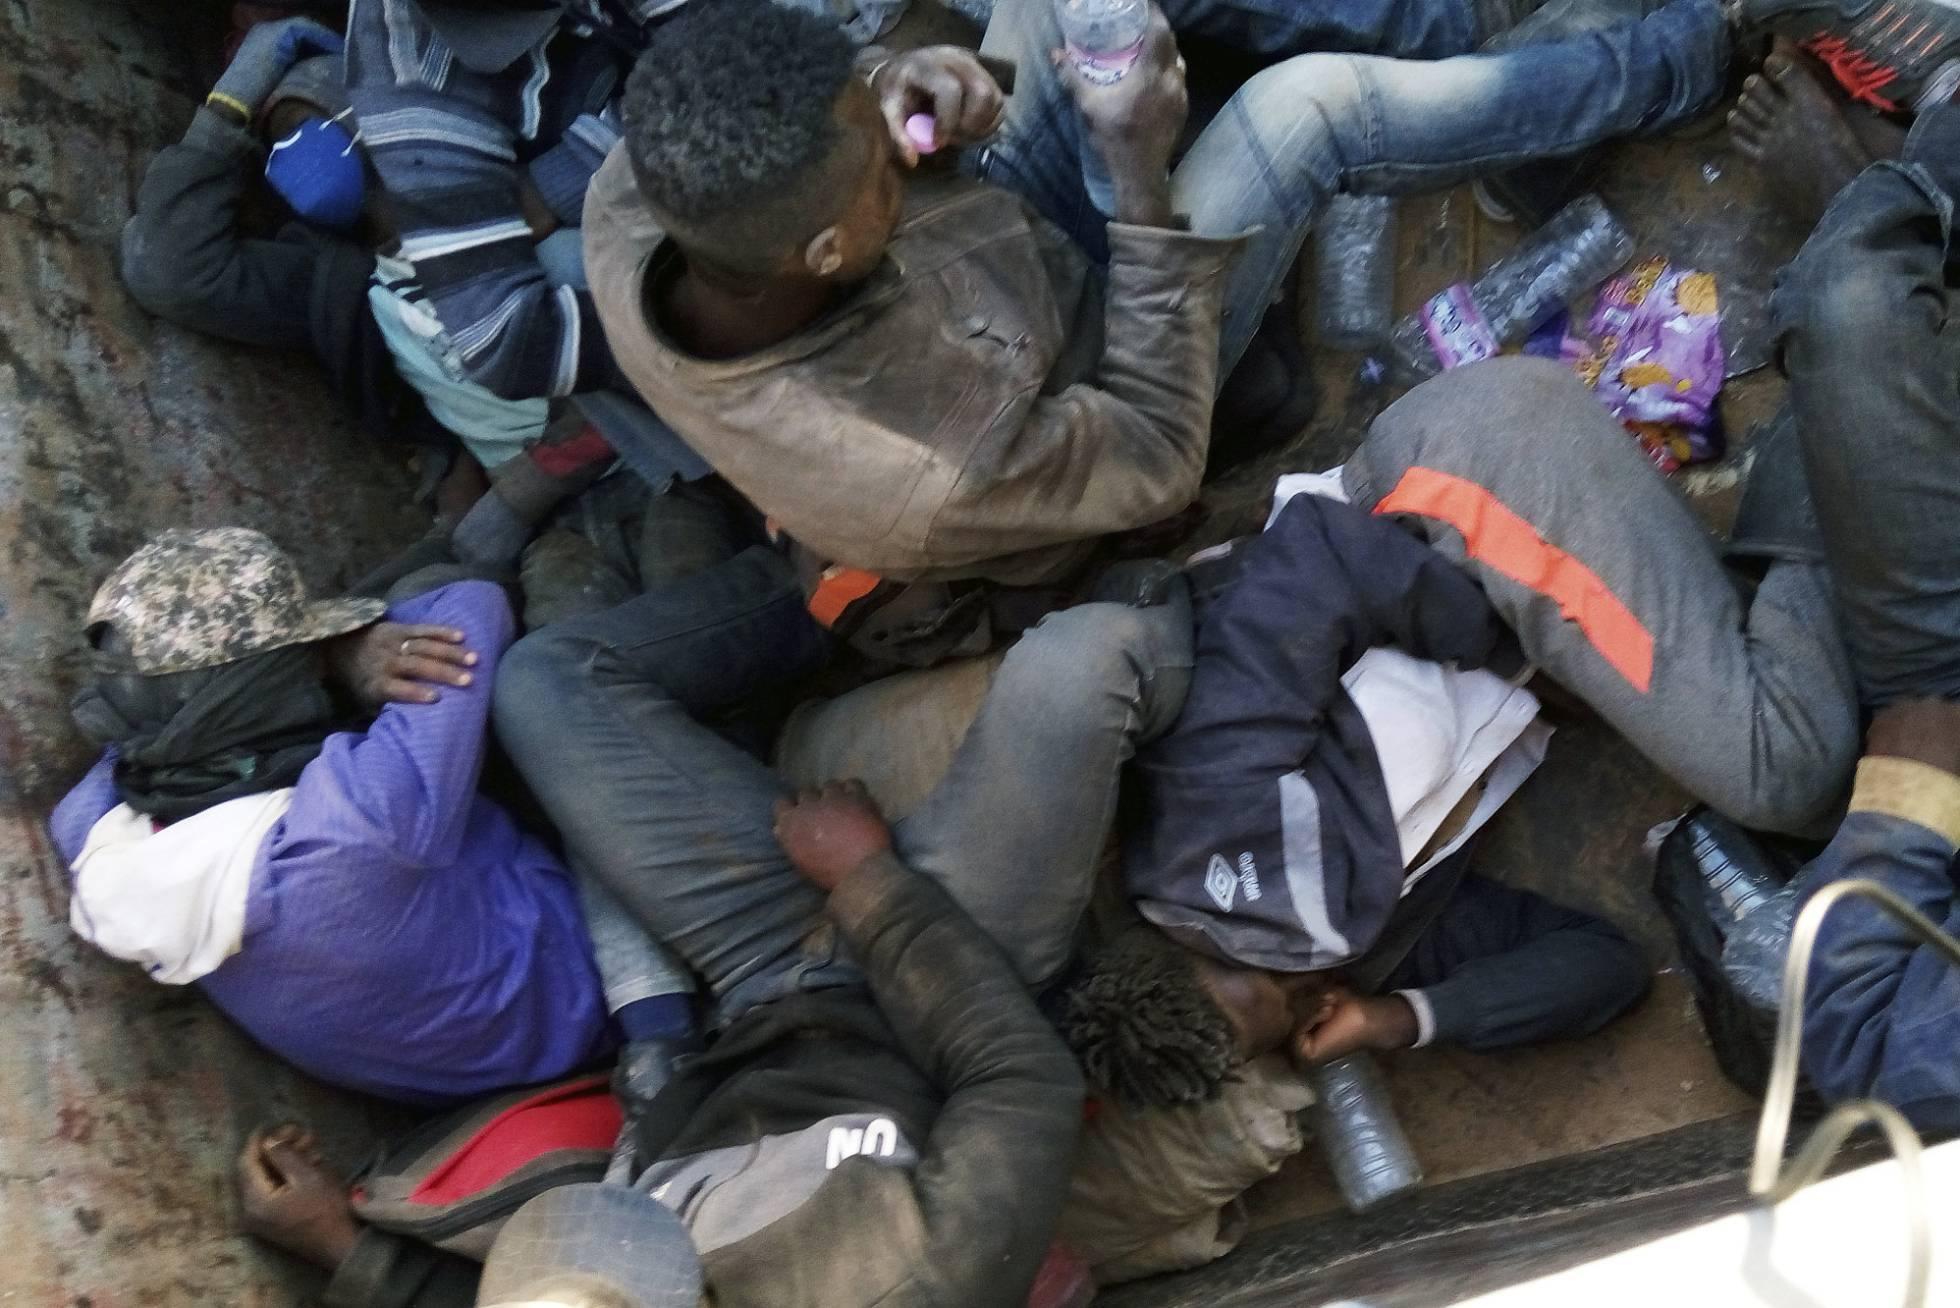 La ONU denuncia expulsiones masivas de subsaharianos en el desierto por parte de Argelia